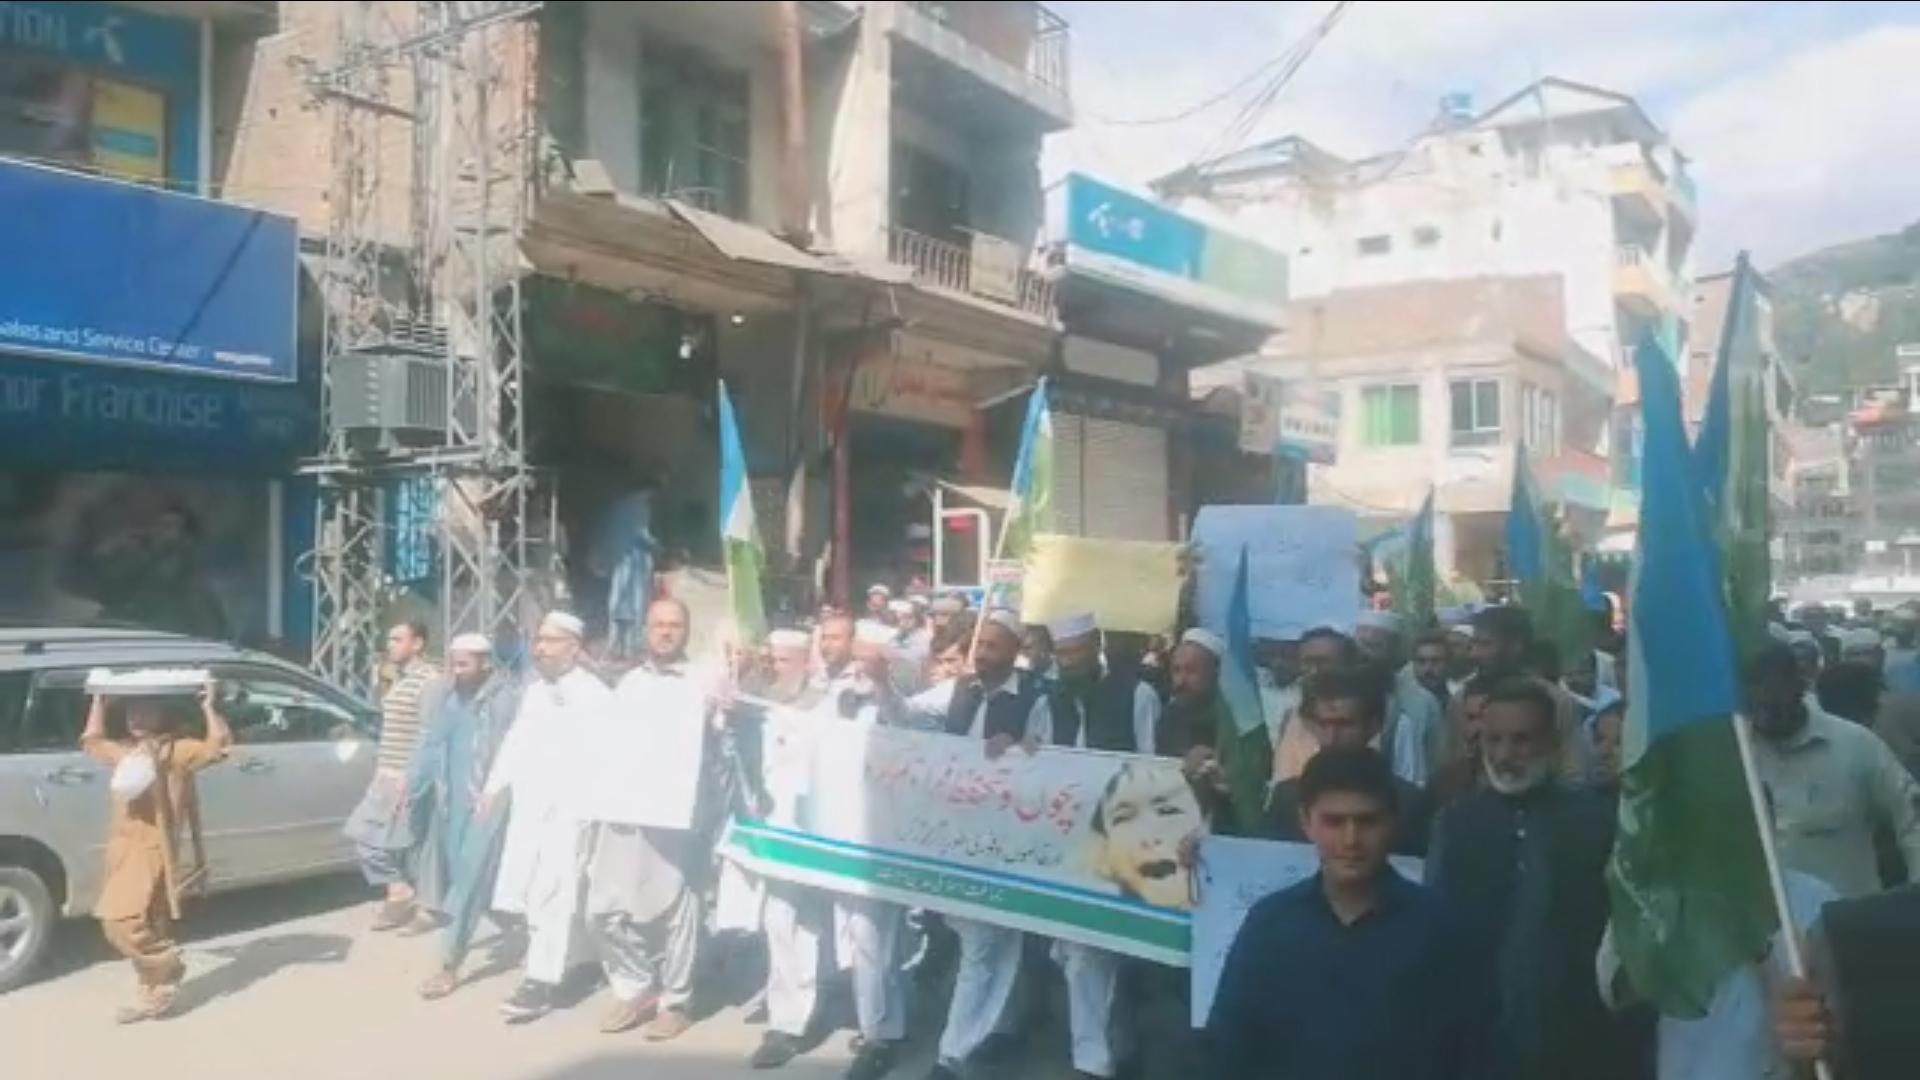 سوات، بچوں کیساتھ زیادتی اور قتل کیخلاف احتجاجی مظاہرہ